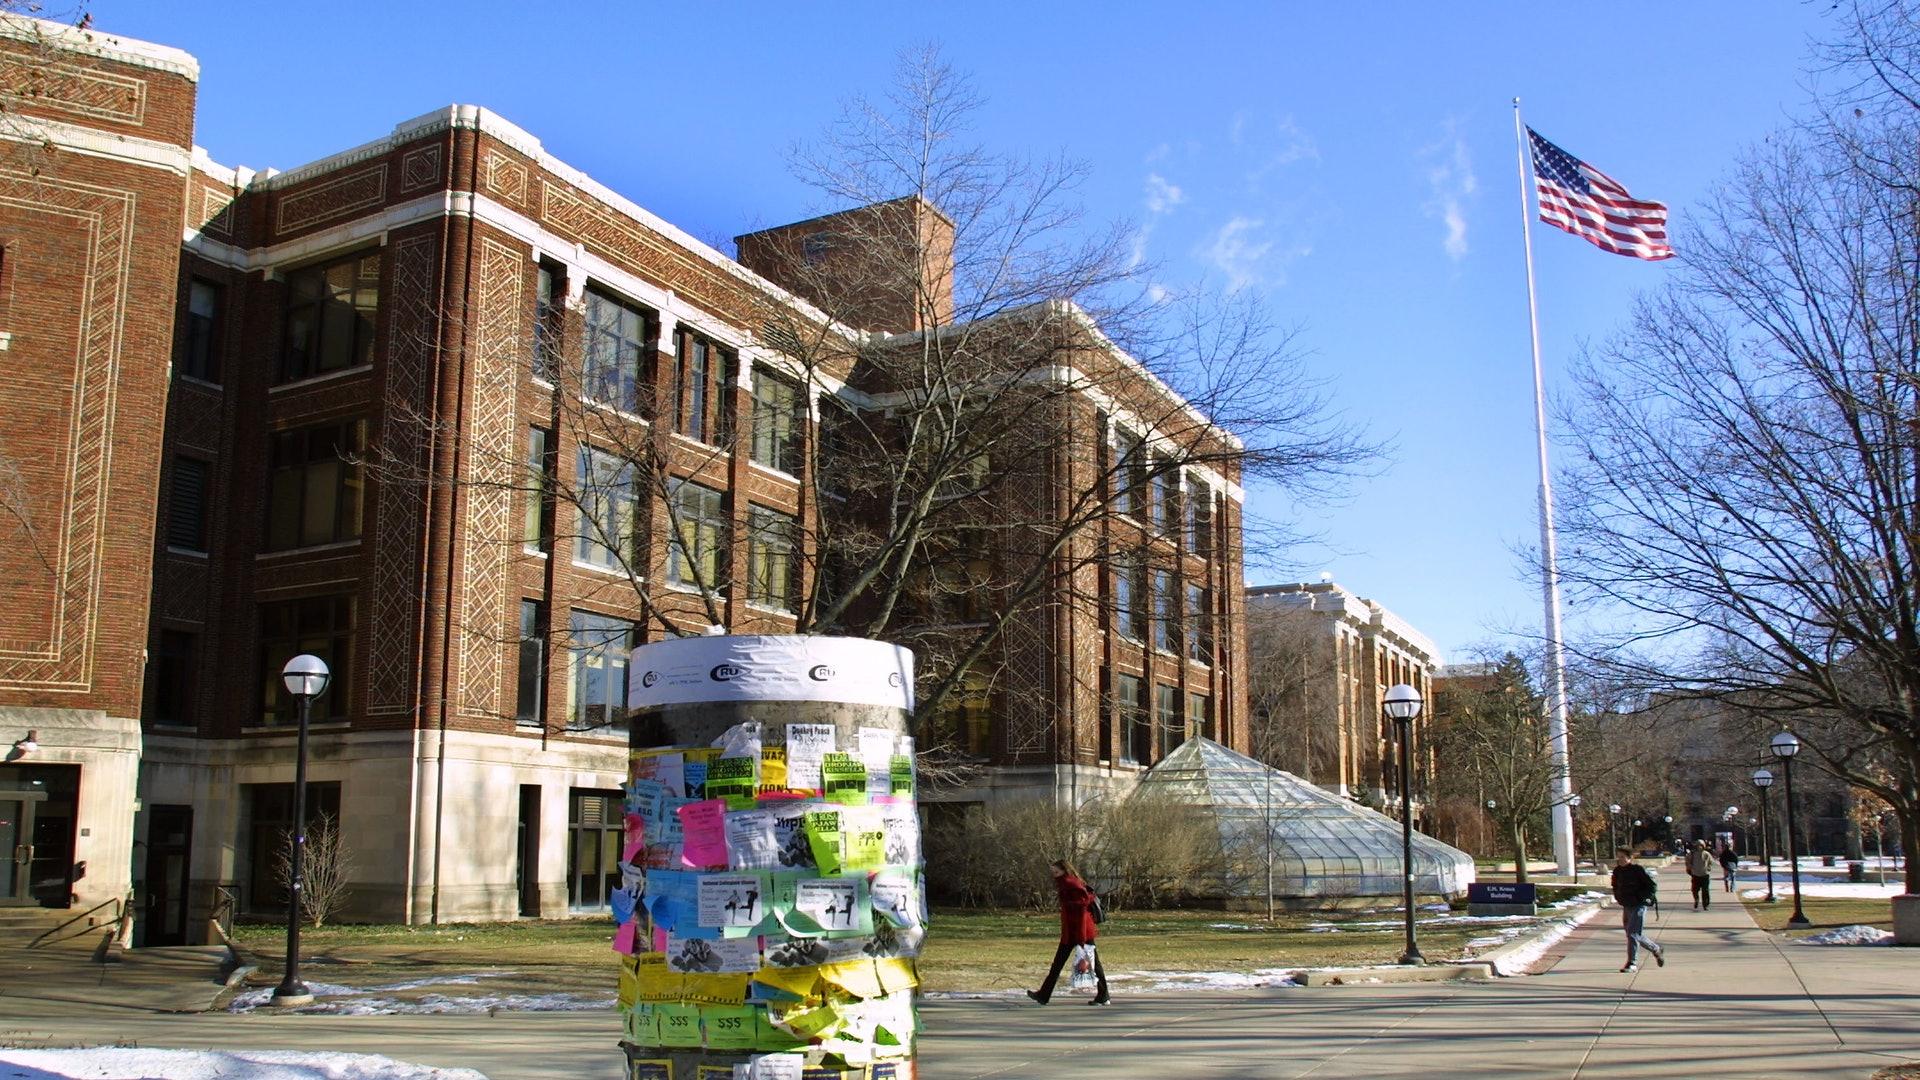 美国大选:第二场总统辩论于10月15日在密歇根大学举行。 图为2003年1月17日,密歇根大学安娜堡校区的面貌。 (Getty )